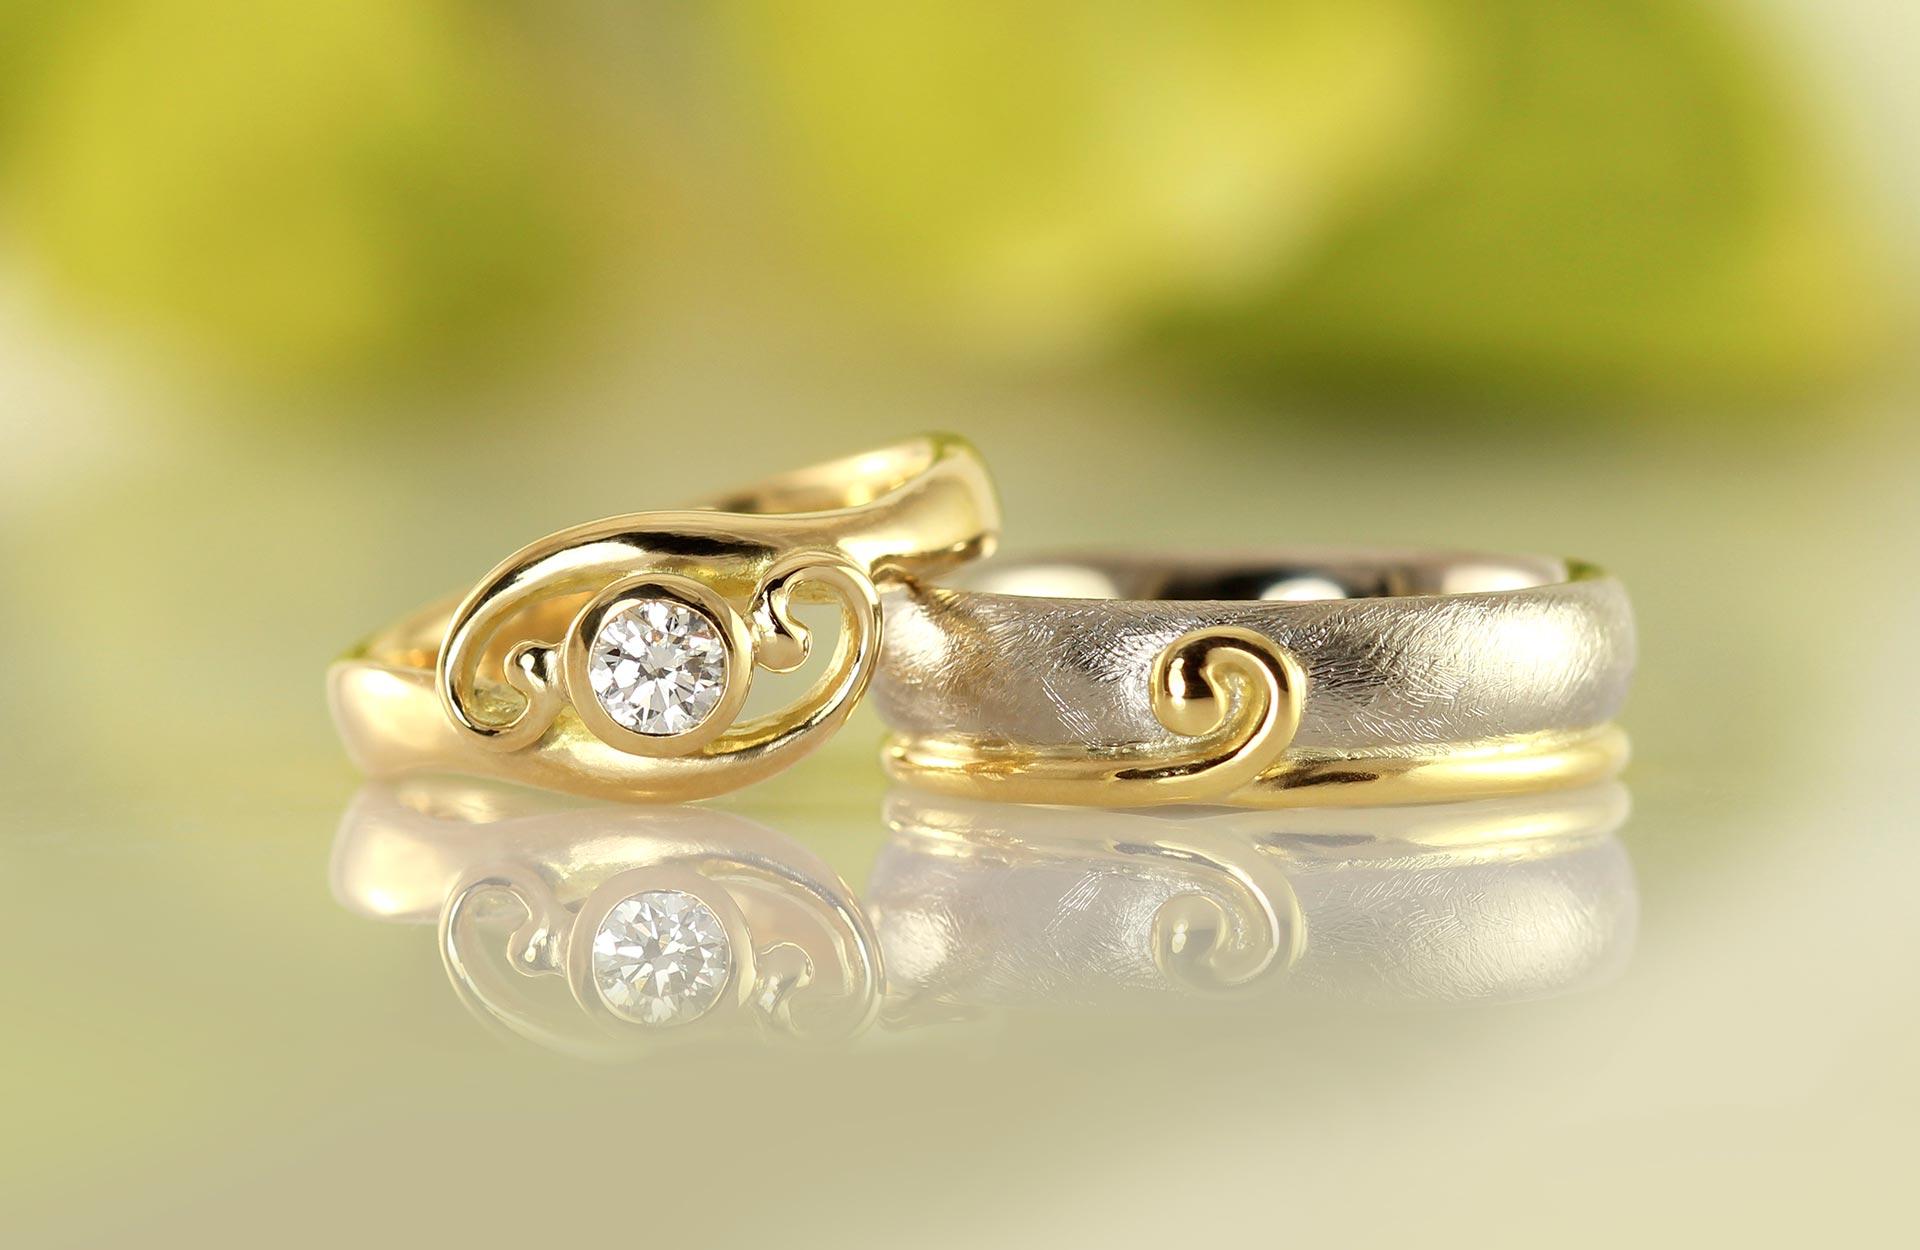 Romantiske snirkel Embrace vielsesringe - håndværk - guldsmed - Castens